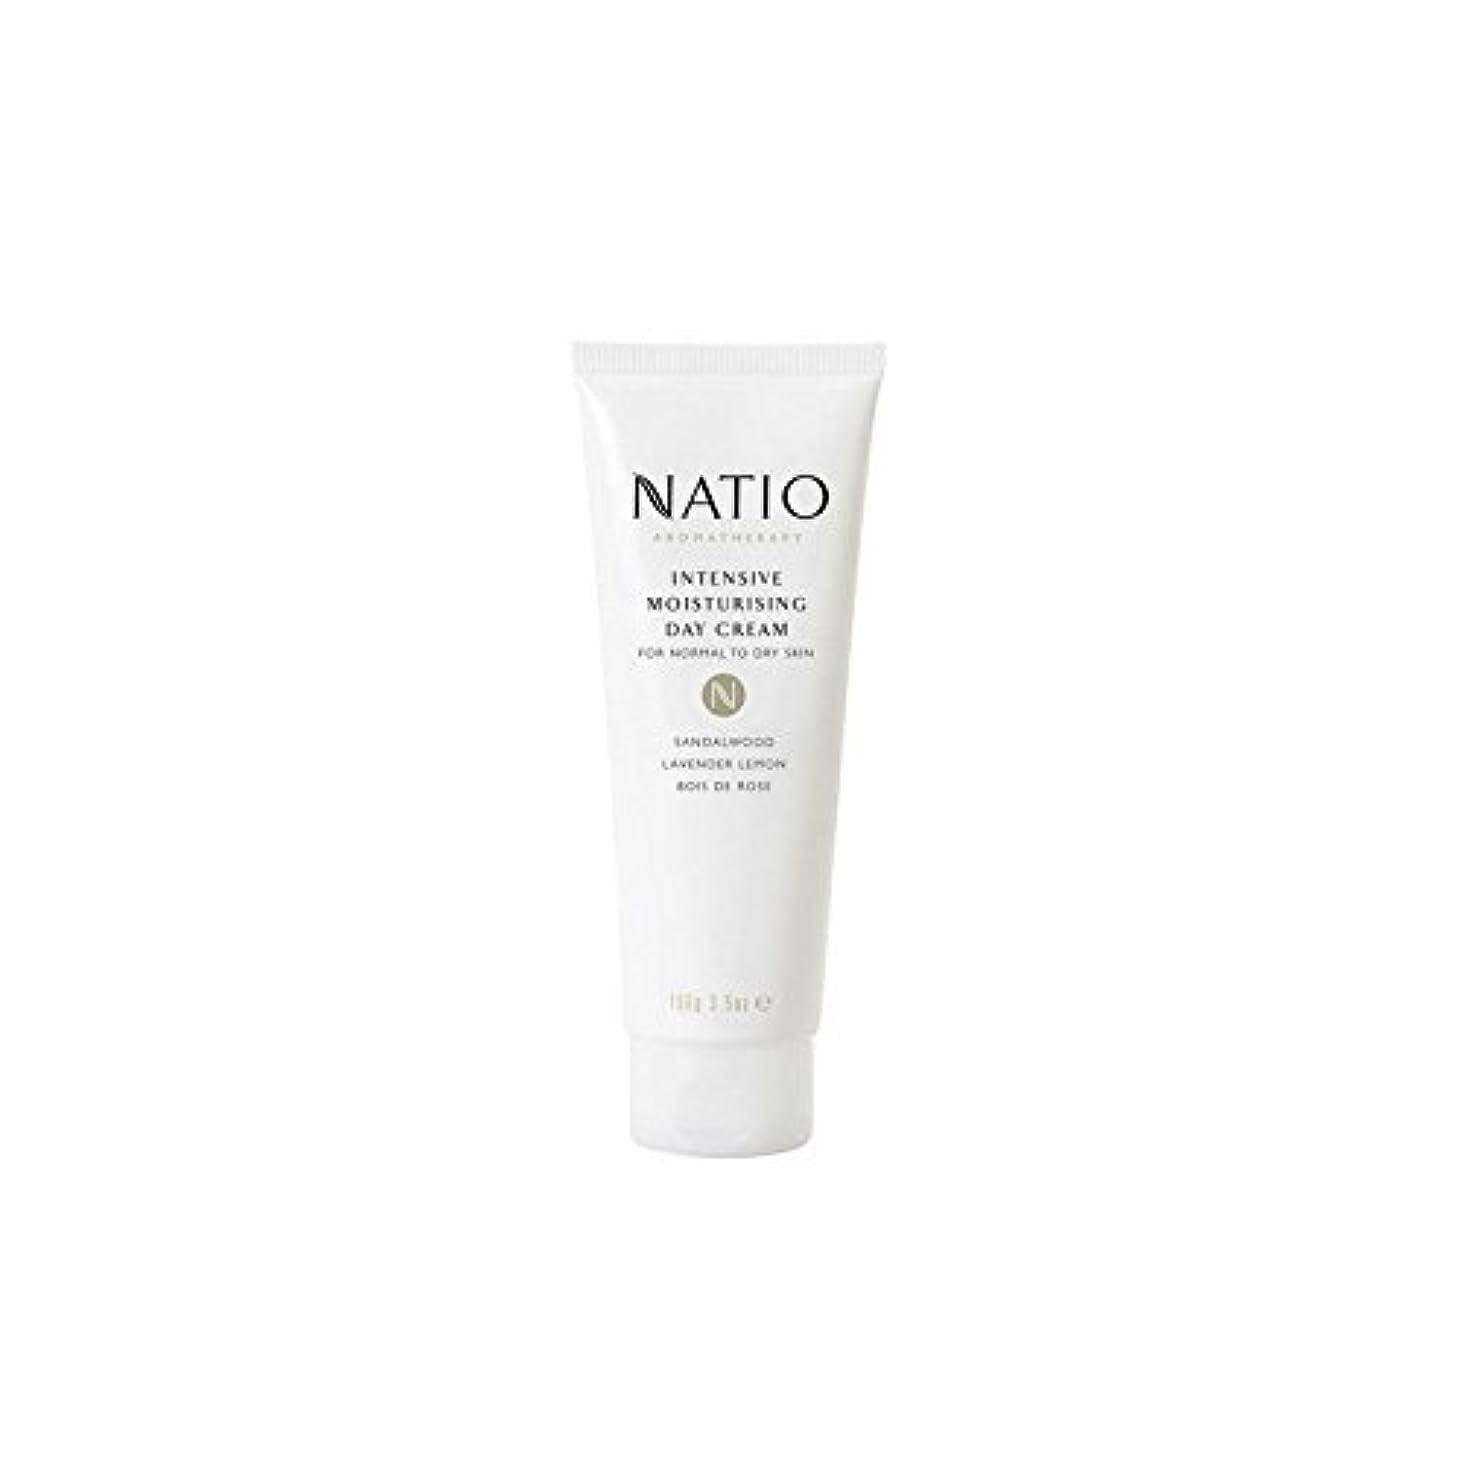 おとうさん女性魔術師集中的な保湿デイクリーム(100グラム) x2 - Natio Intensive Moisturising Day Cream (100G) (Pack of 2) [並行輸入品]